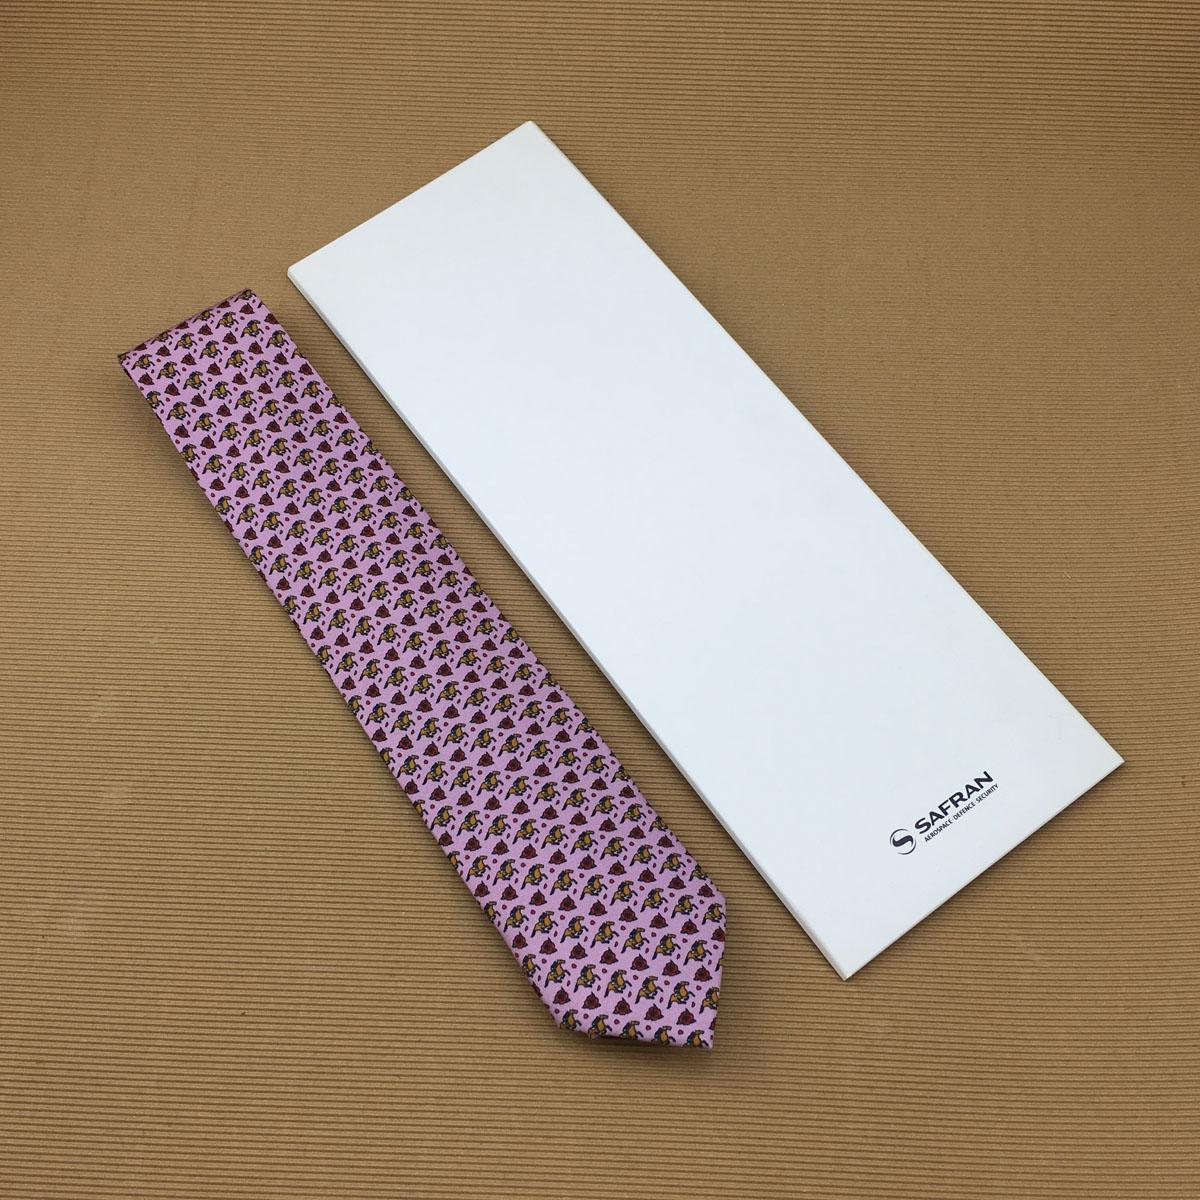 packaging for ties-2.jpg